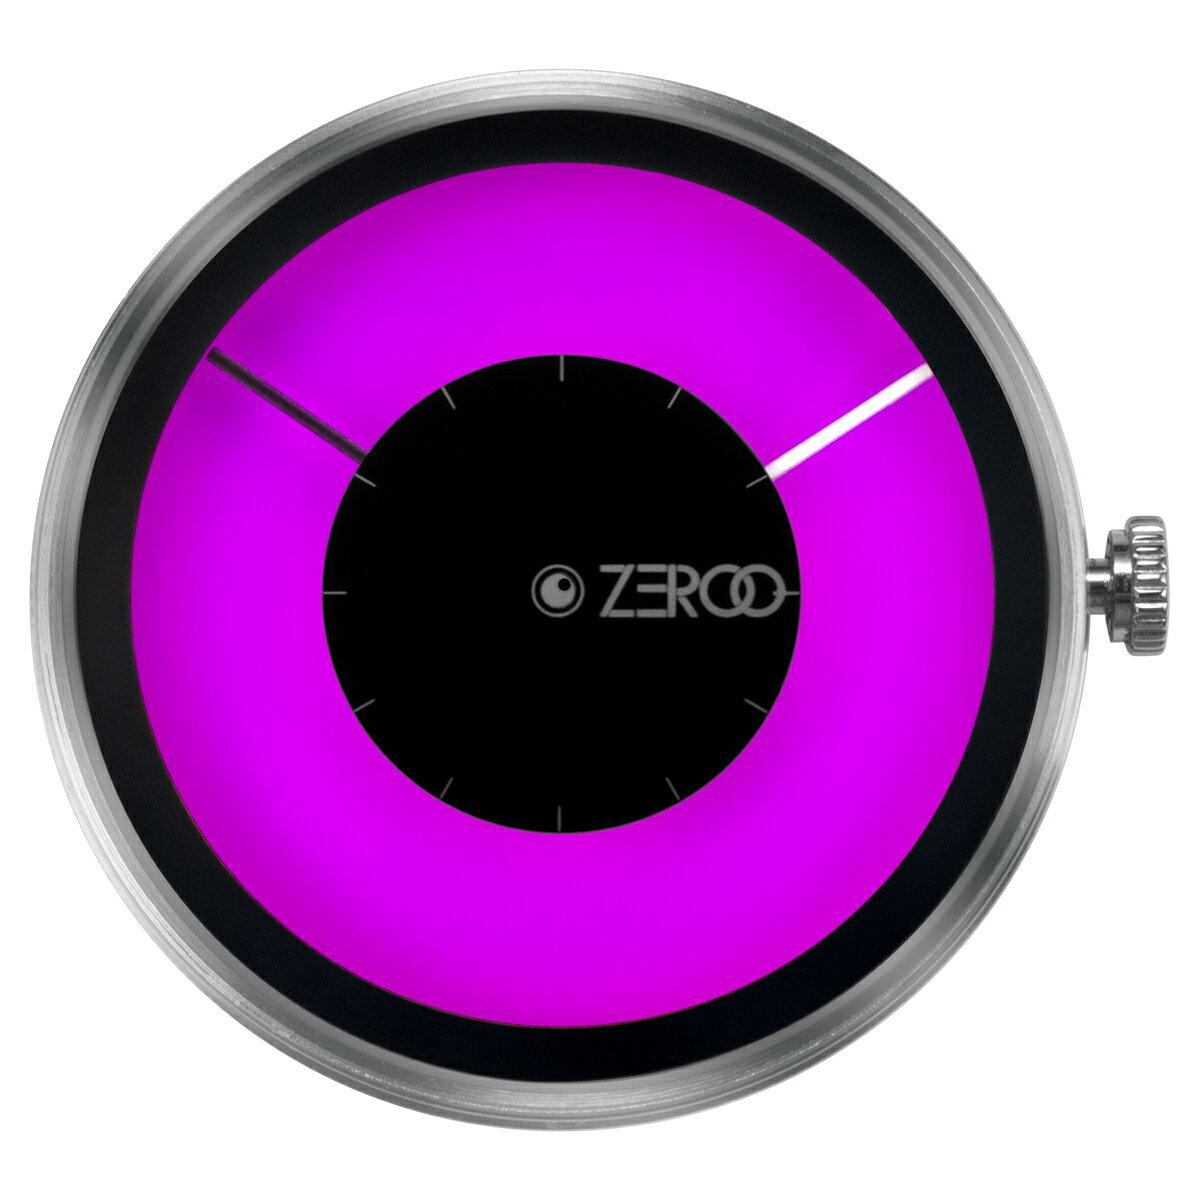 ZEROO 交換用クロックボディ ZEROO MAGIA AURORA ゼロ 電池式クォーツ 腕時計 [M11025]